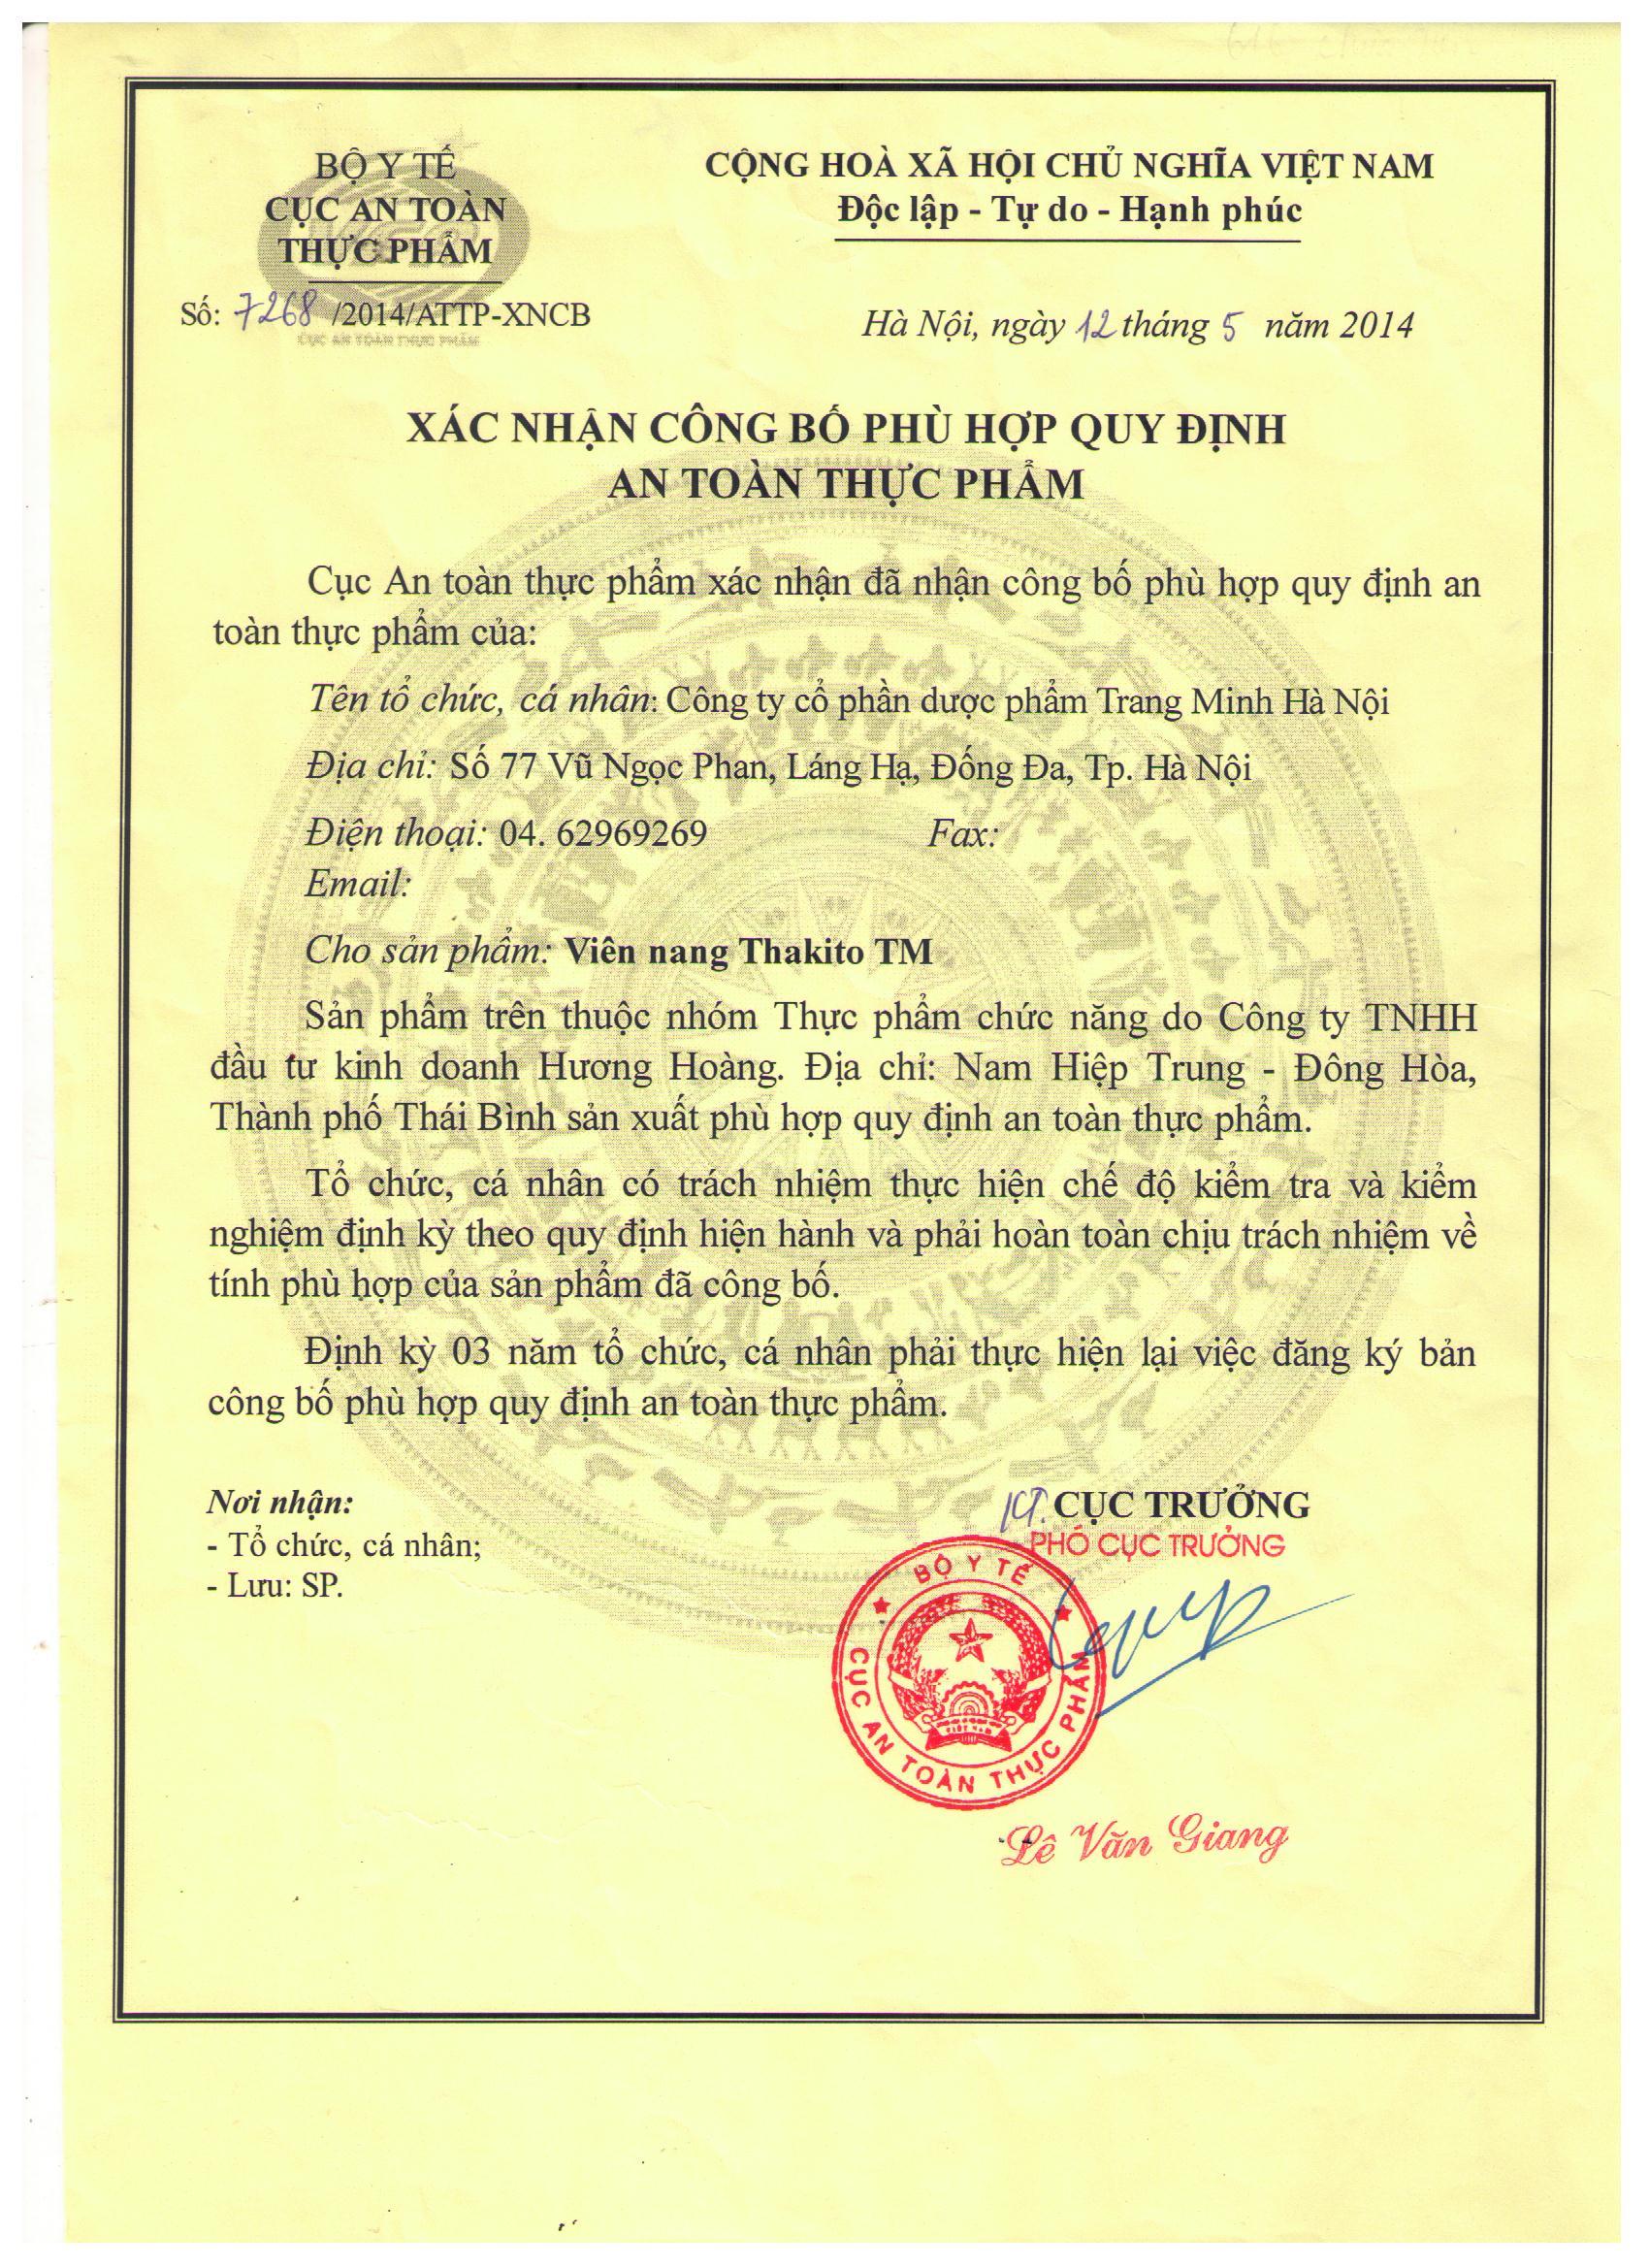 HN 14.5.12 Vien nang Thakito TM